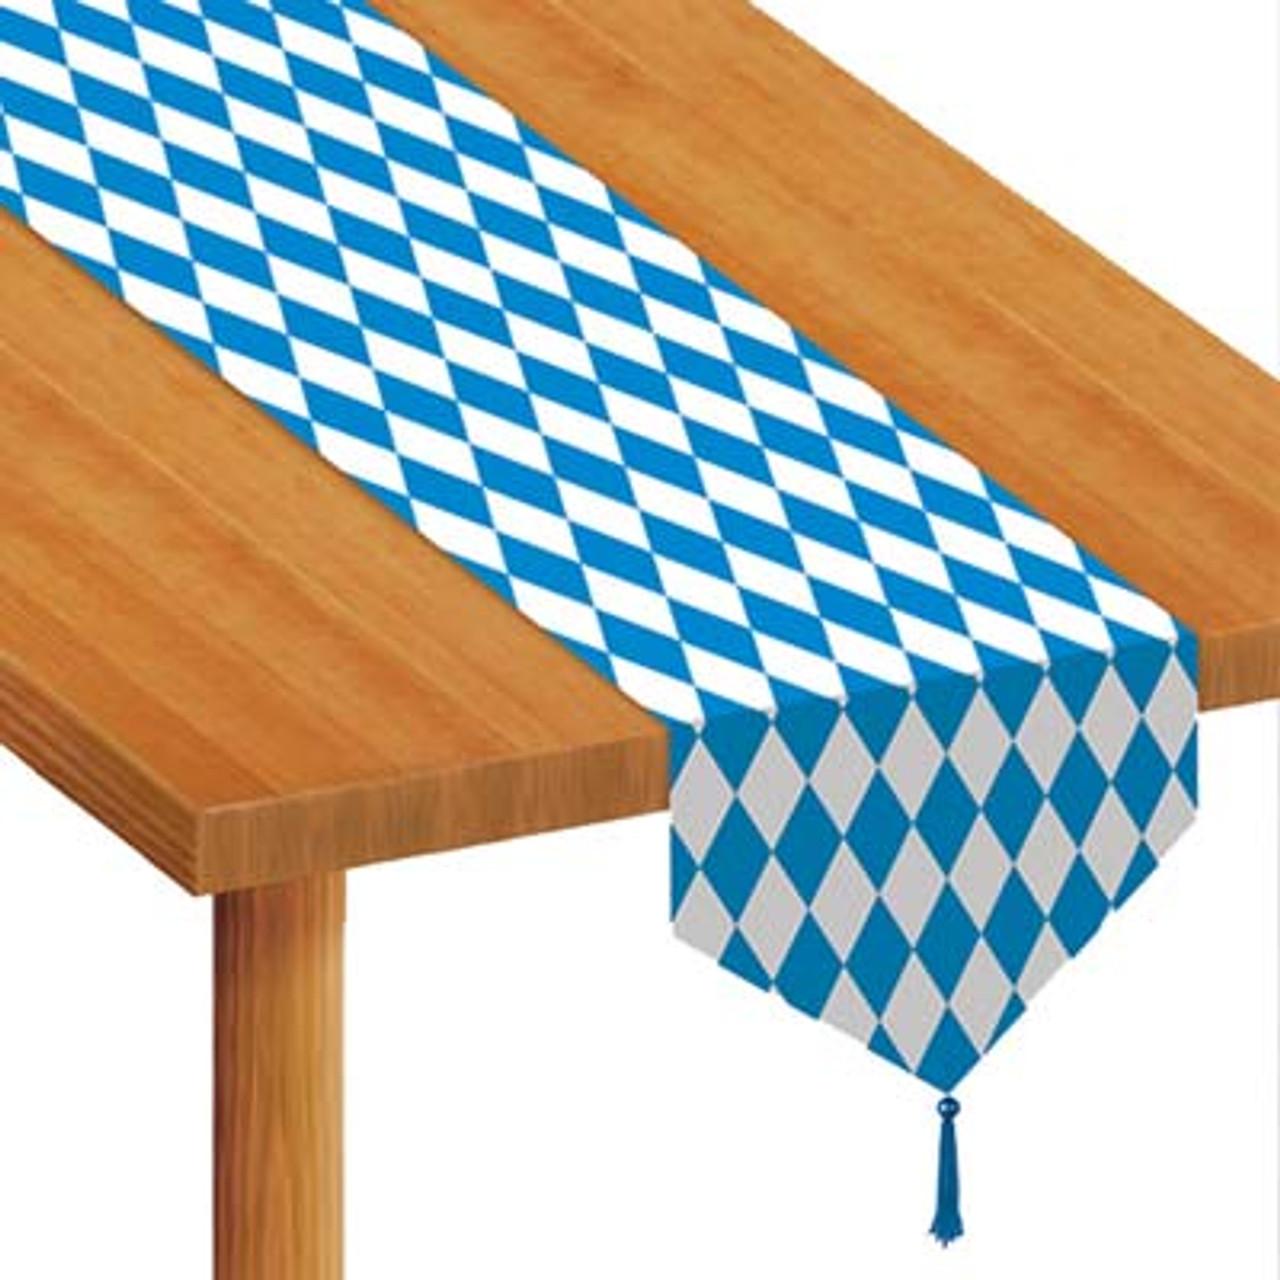 Bavarian Flag Pattern Table Runner